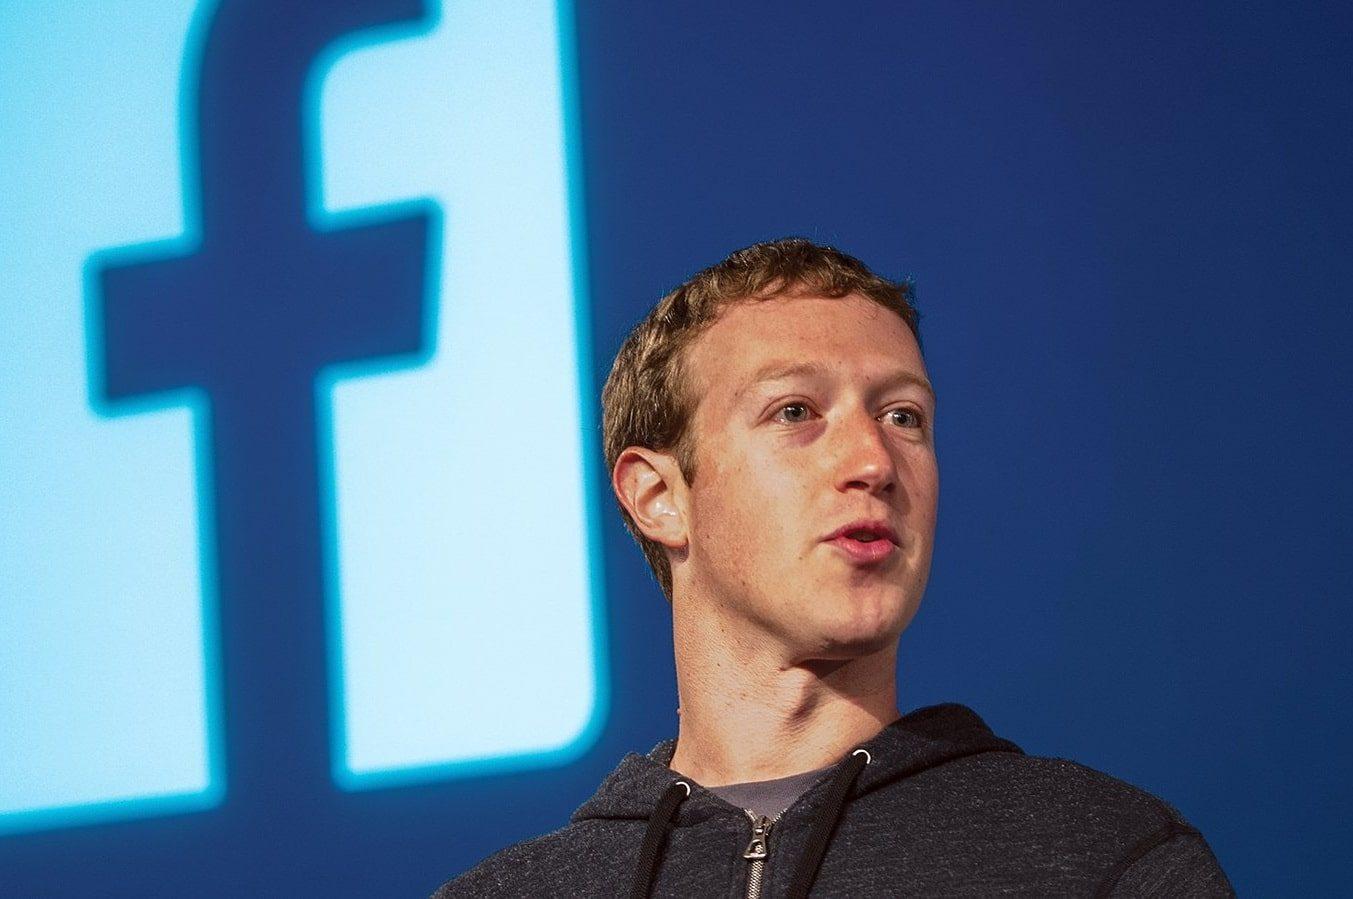 يمكن أن تساعد عملة التشفير على زيادة عائدات إعلانات Facebook